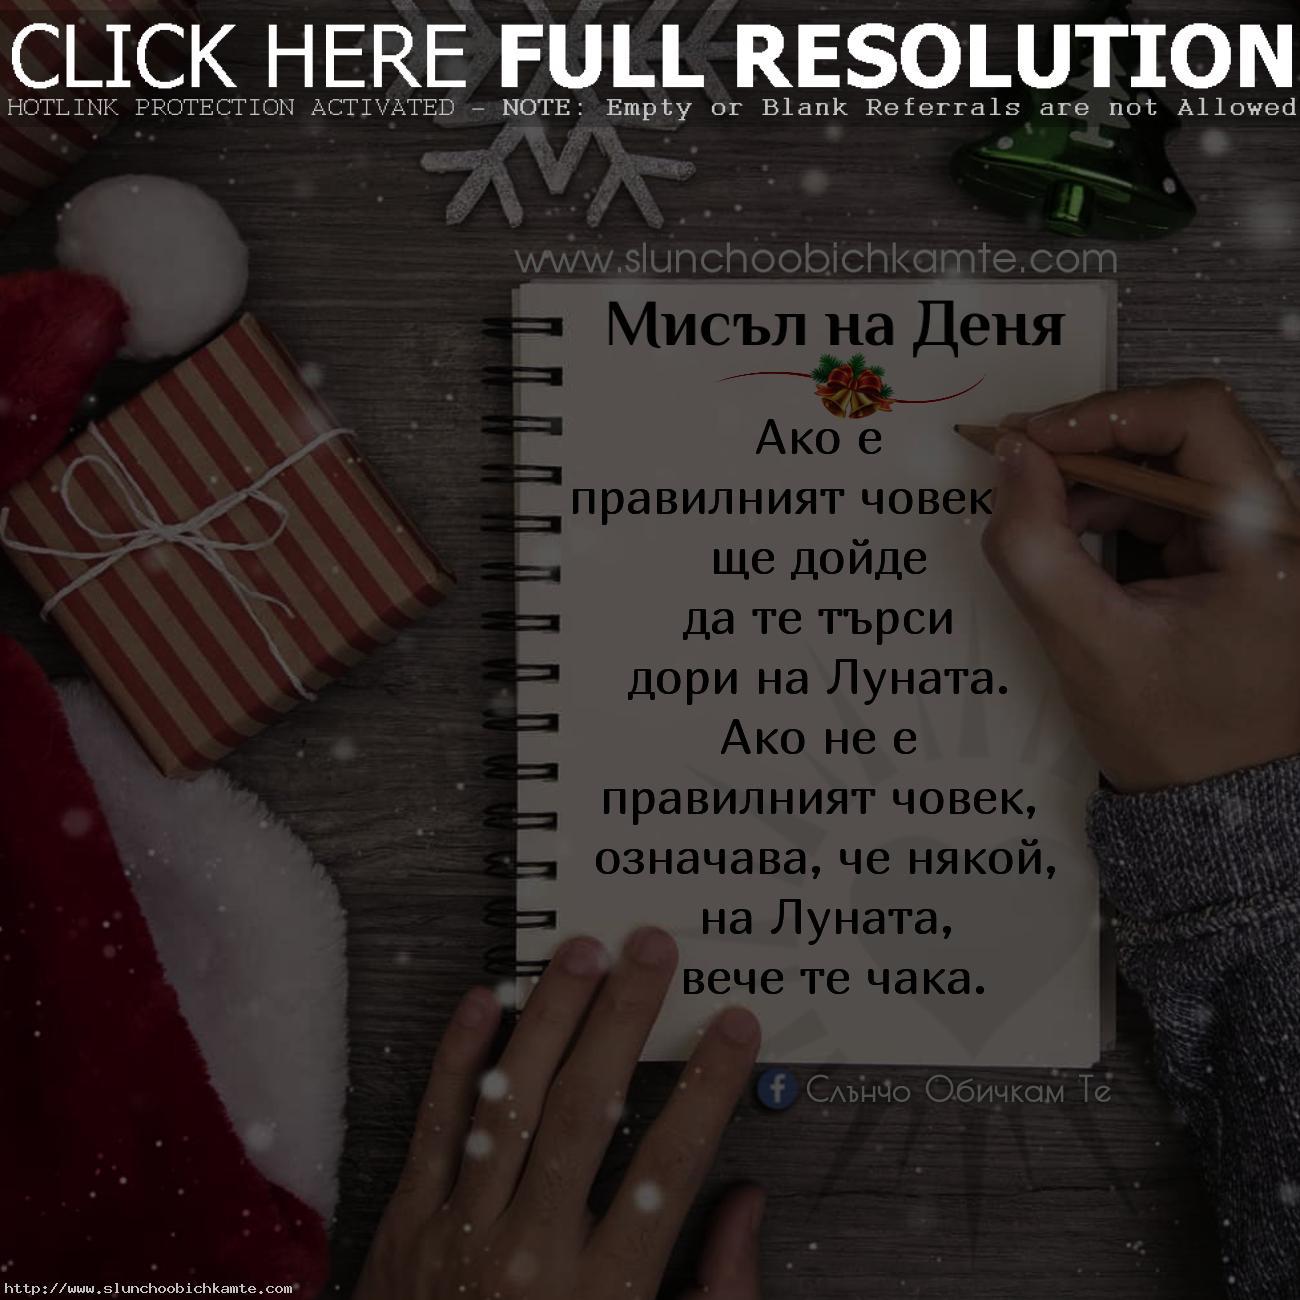 Мисъл на Деня за Коледа, Коледа 2019, статуси за коледа, любовни мисли за коледа, цитати за коледа - Ако е правилният човек, ще дойде да те търси дори на луната. Ако не е правилният човек, означава, че някой на луната вече те чака